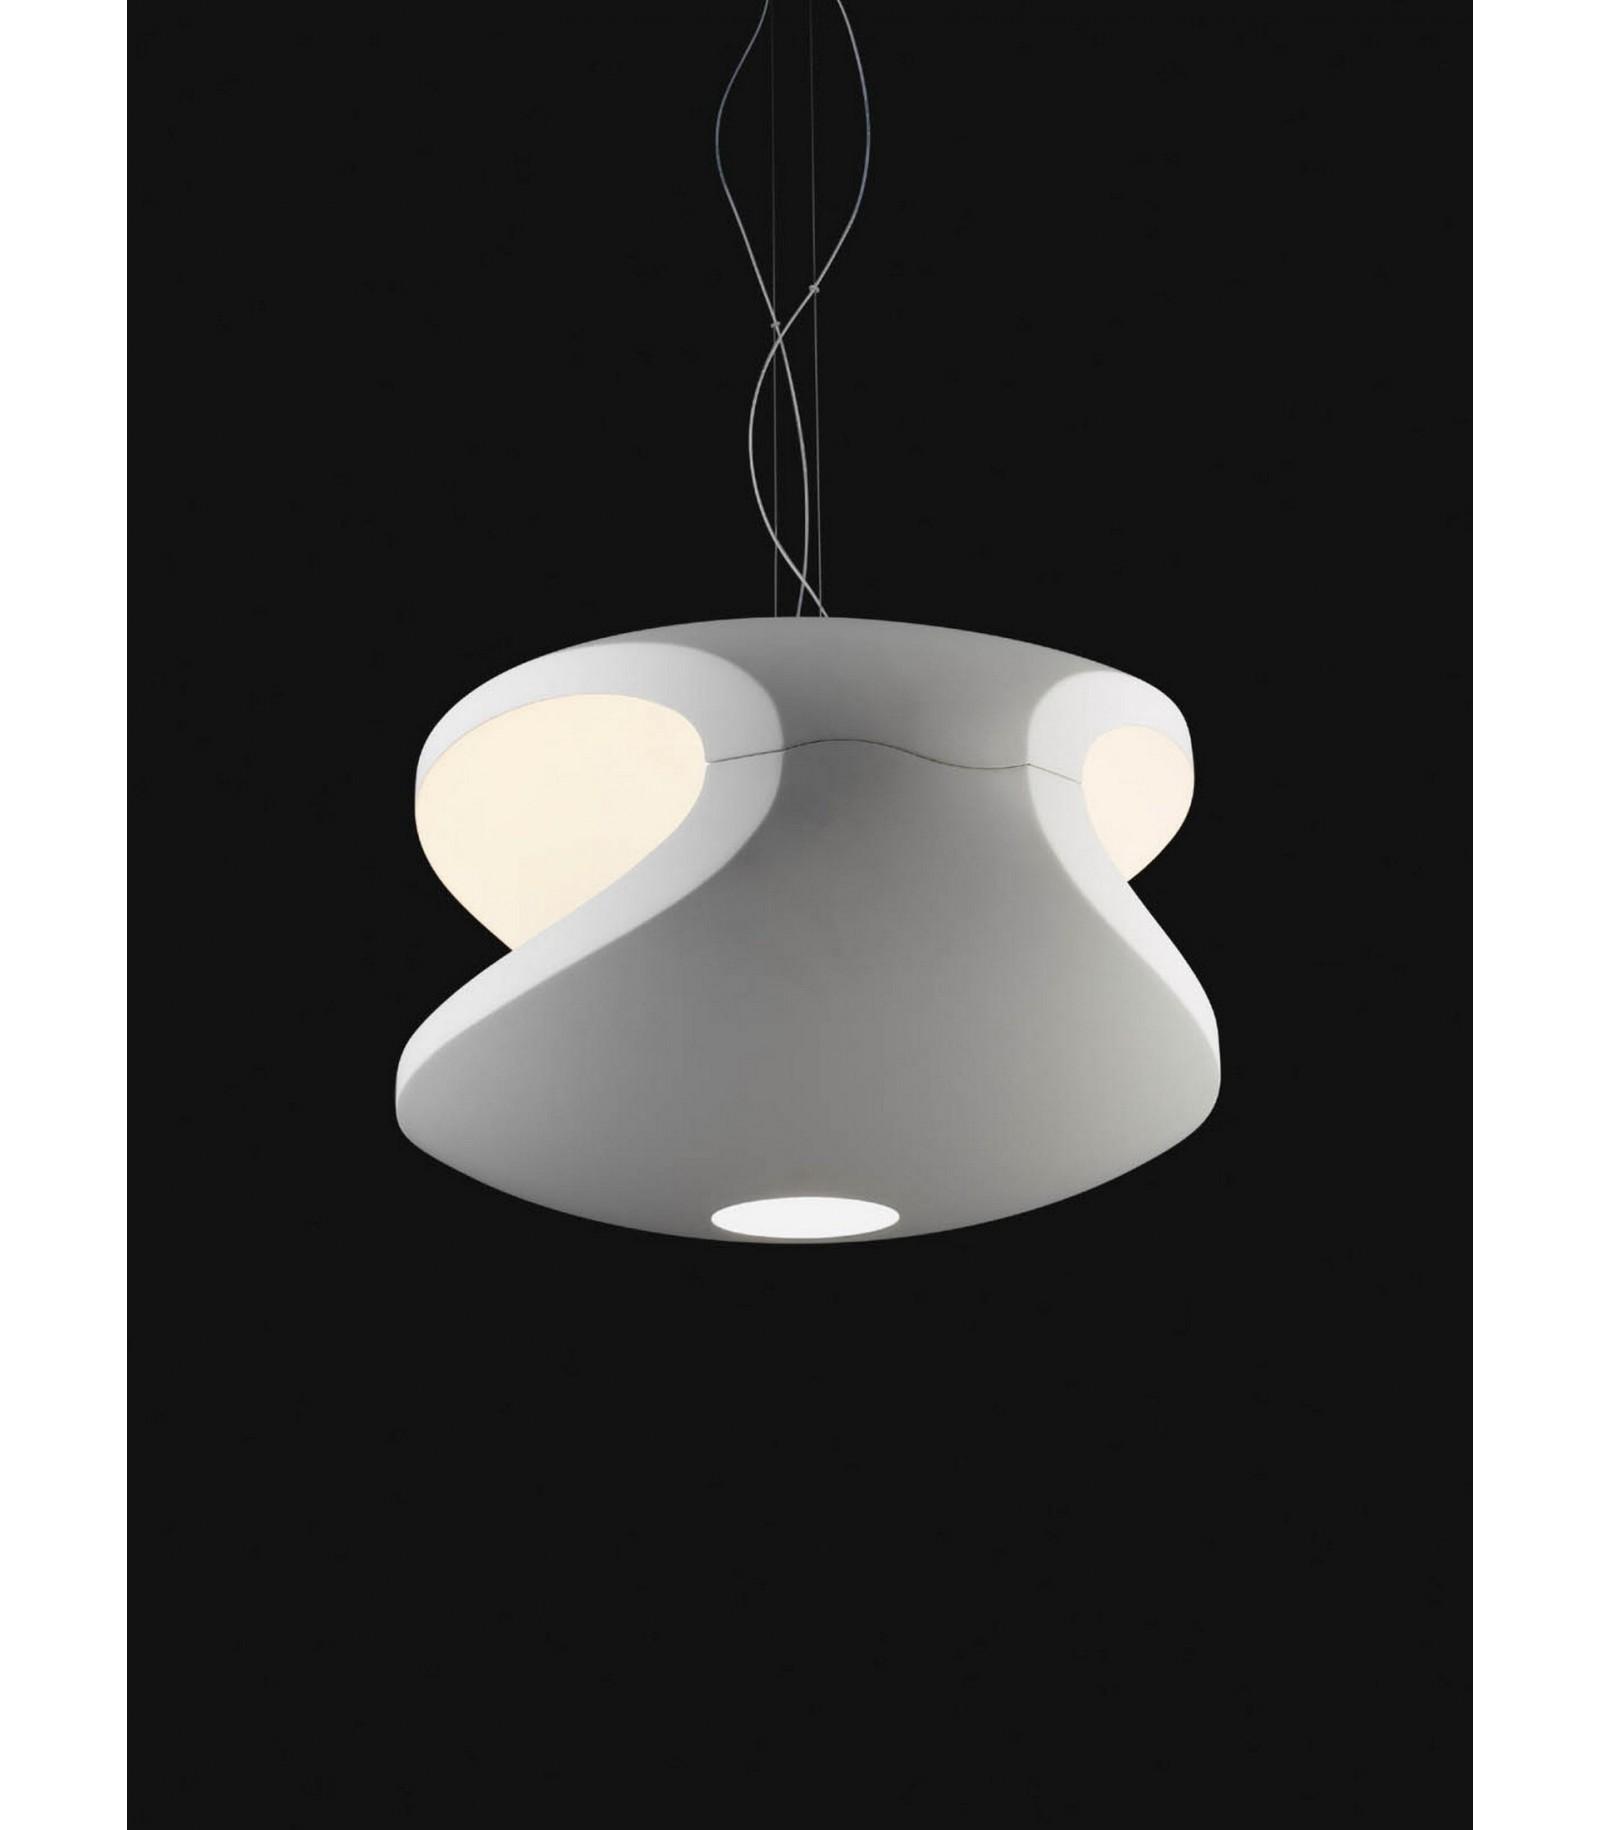 lampada foscarini o-space sospensione